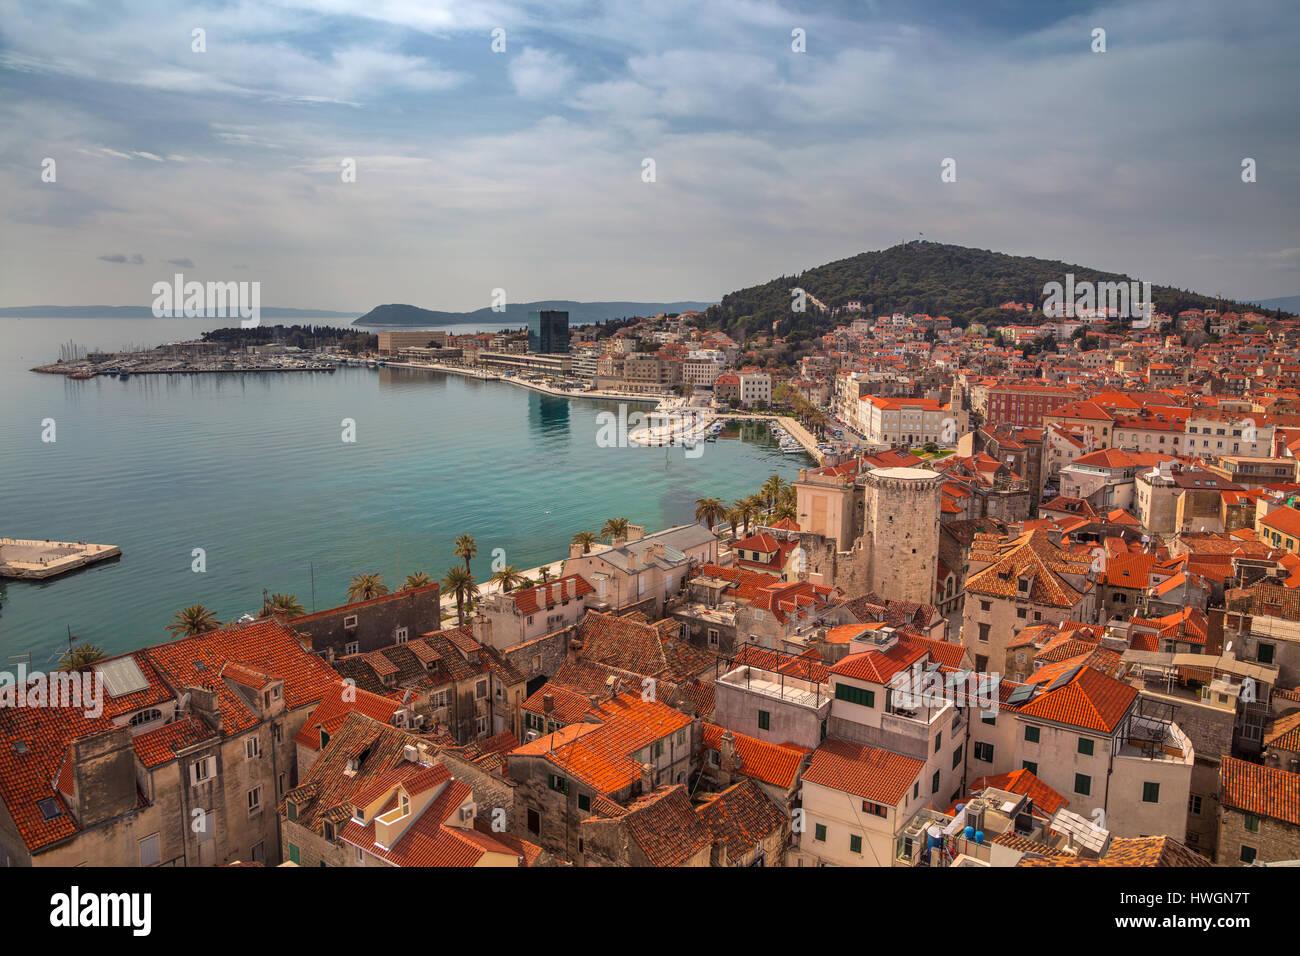 Split, Kroatien. Schöne romantische Altstadt von Split an einem sonnigen Tag. Kroatien, Europa. Stockbild